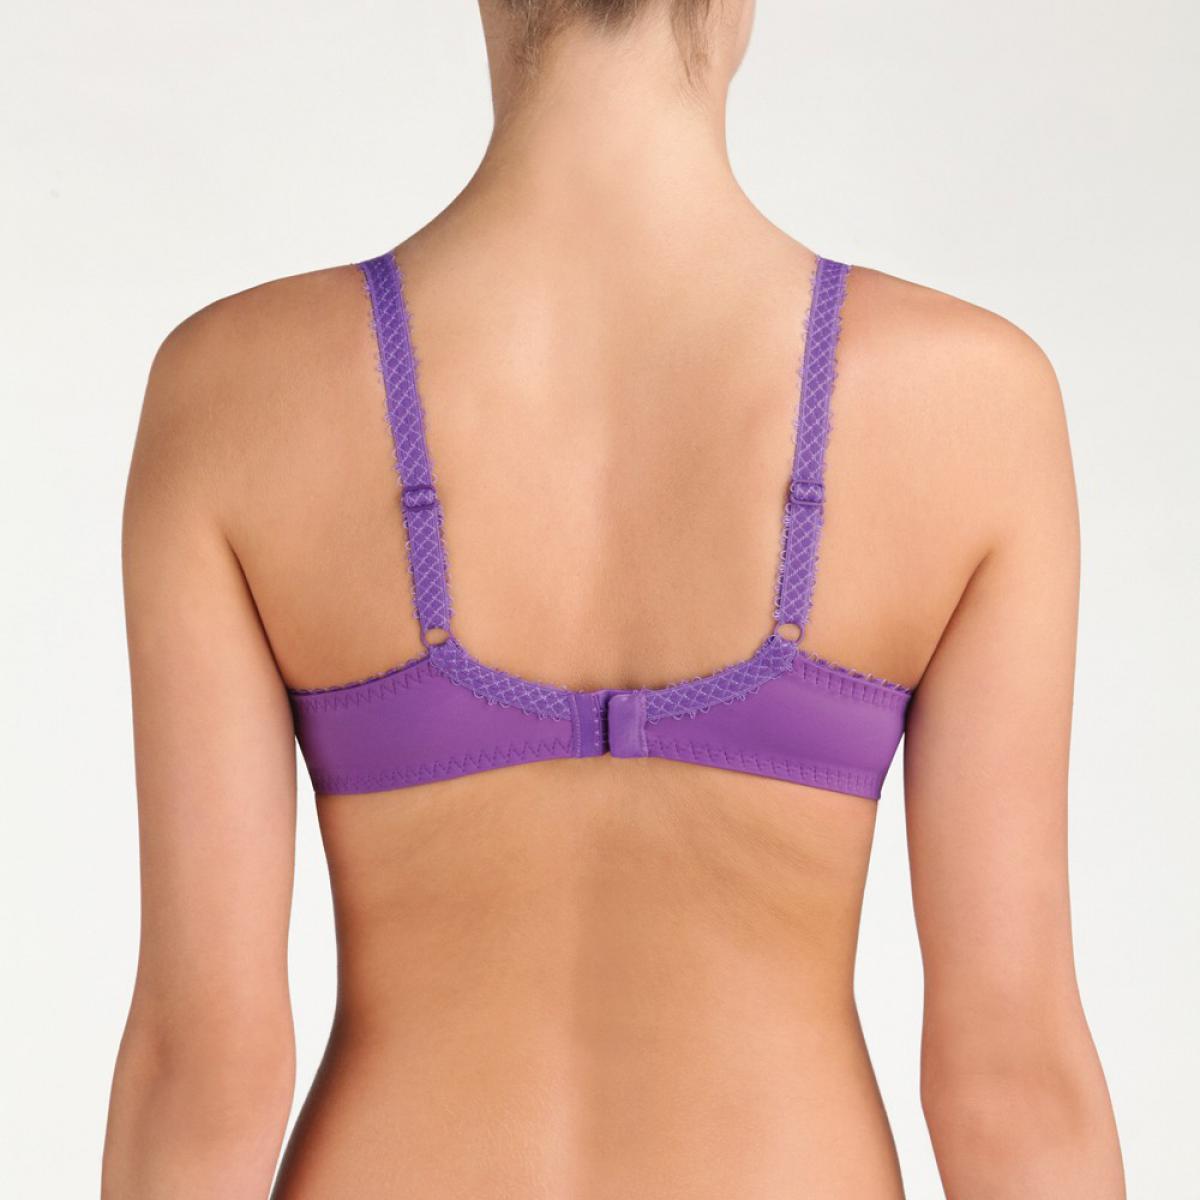 soutien gorge armatures flower elegance violet intense playtex. Black Bedroom Furniture Sets. Home Design Ideas